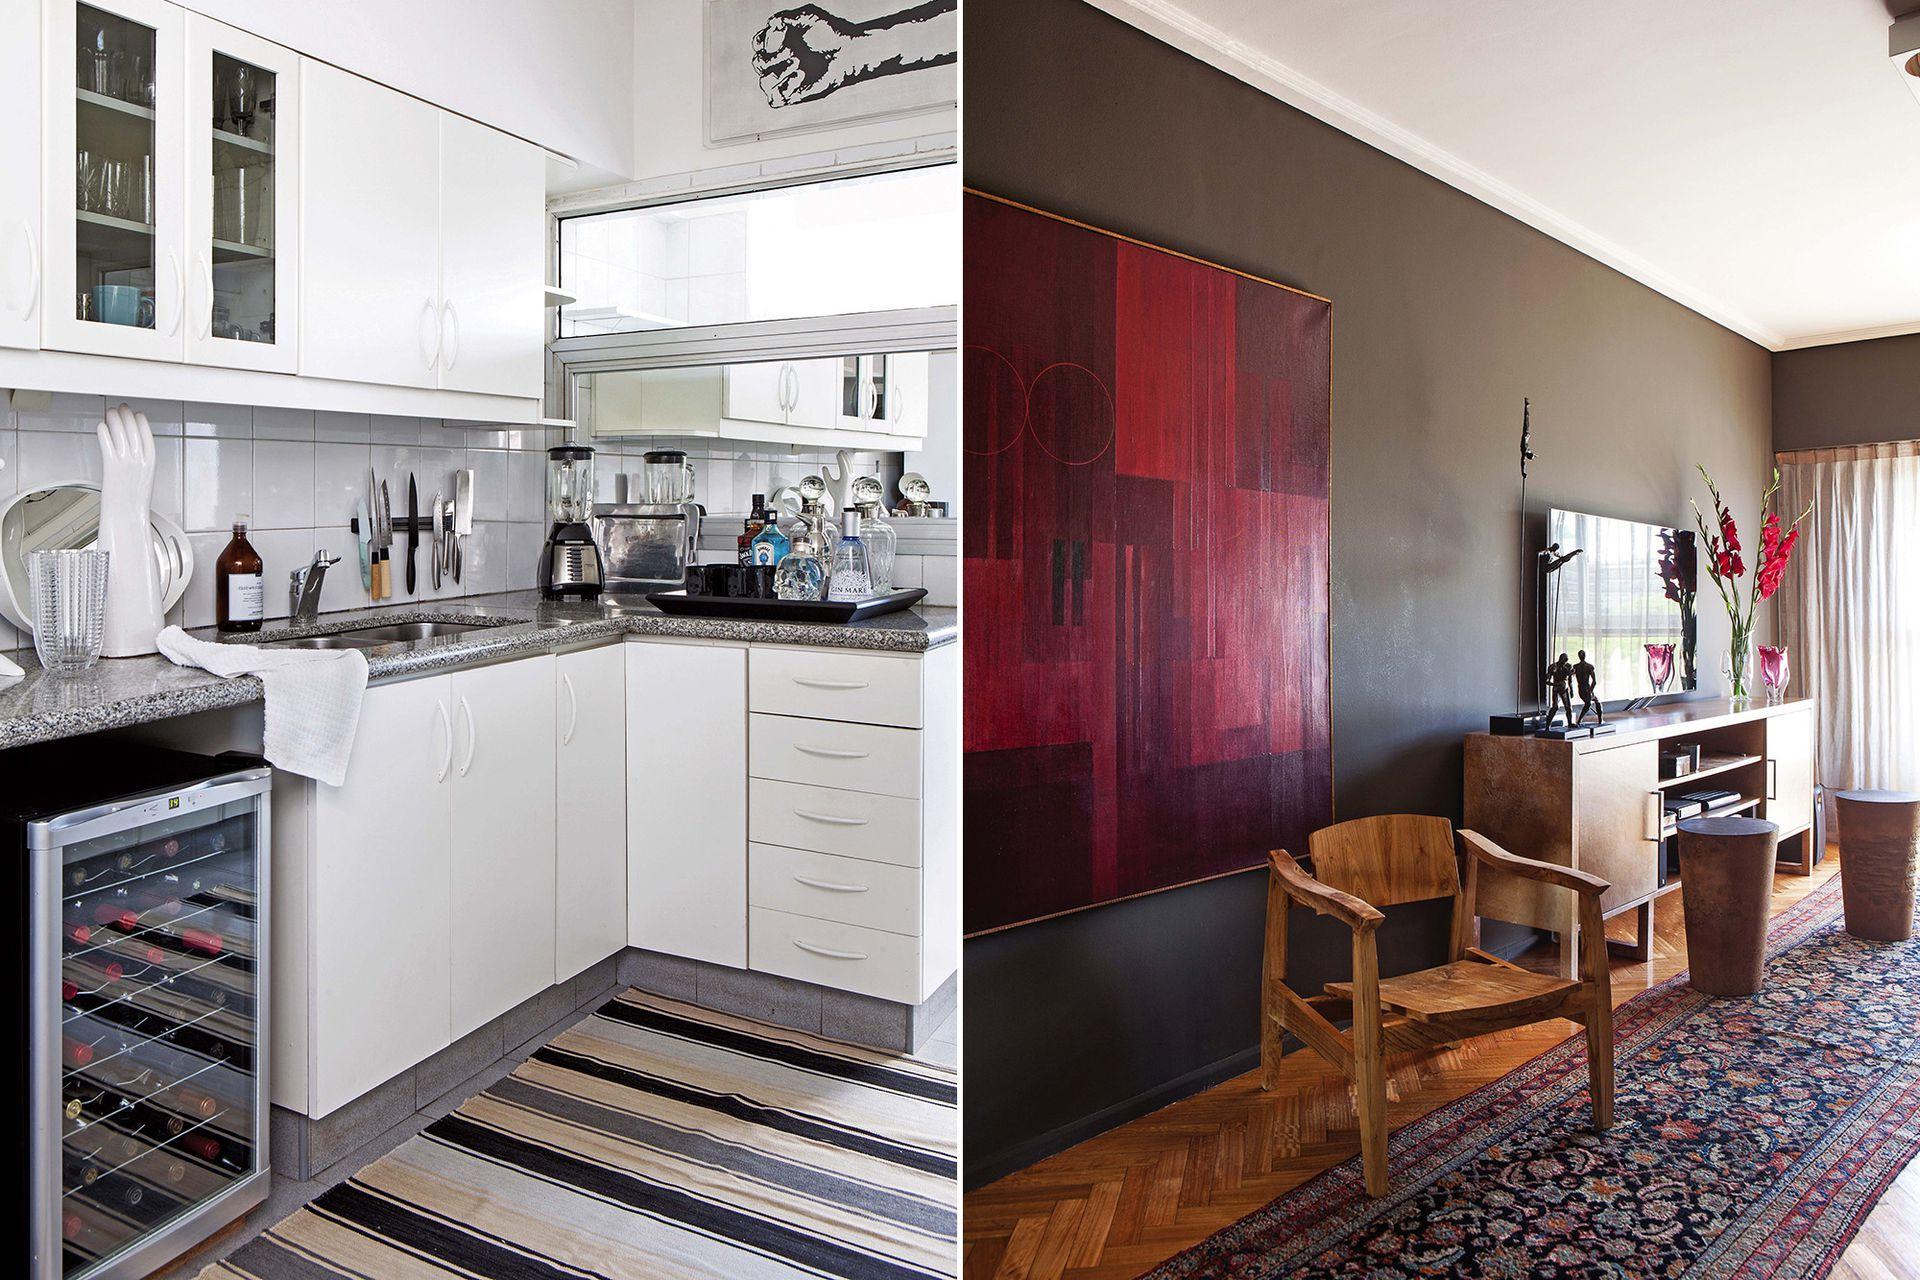 En la cocina, Rodrigo reemplazó el vidrio de la ventana interna por un espejo que amplía y evita la vista menos atractiva hacia el lavadero. Javier Picerno